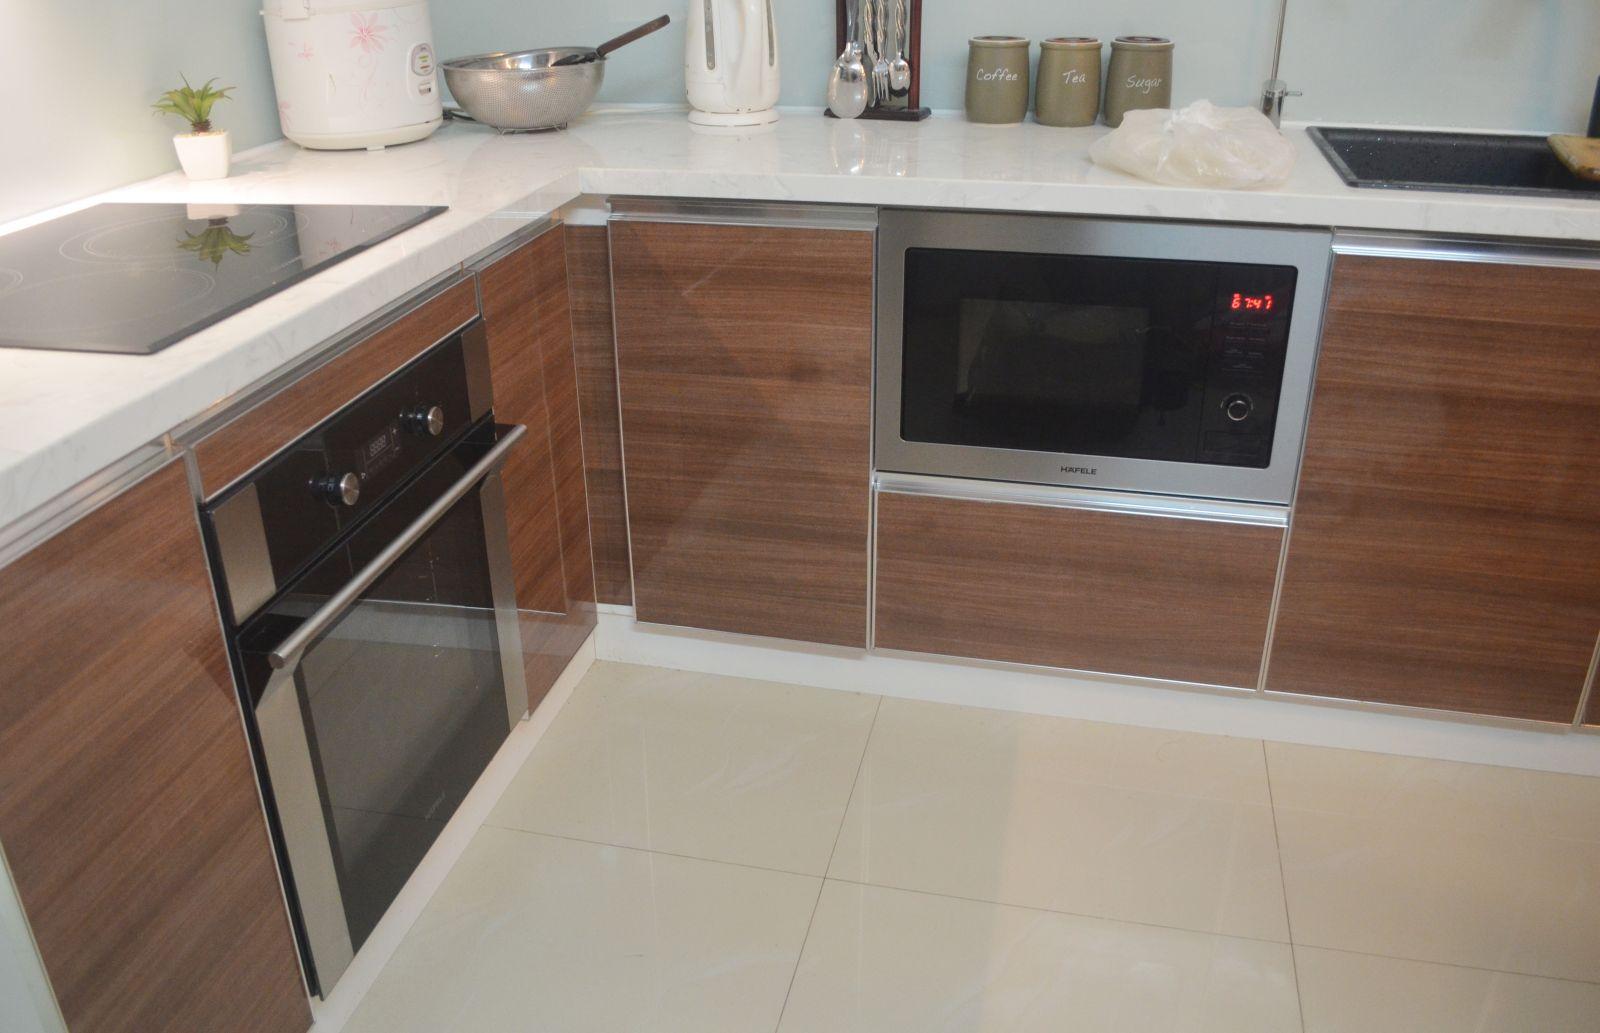 tu bep acrylic duy tan%20(8)(1) - Top 3 mẫu tủ bếp gỗ công nghiệp đẹp hiện đại 2019